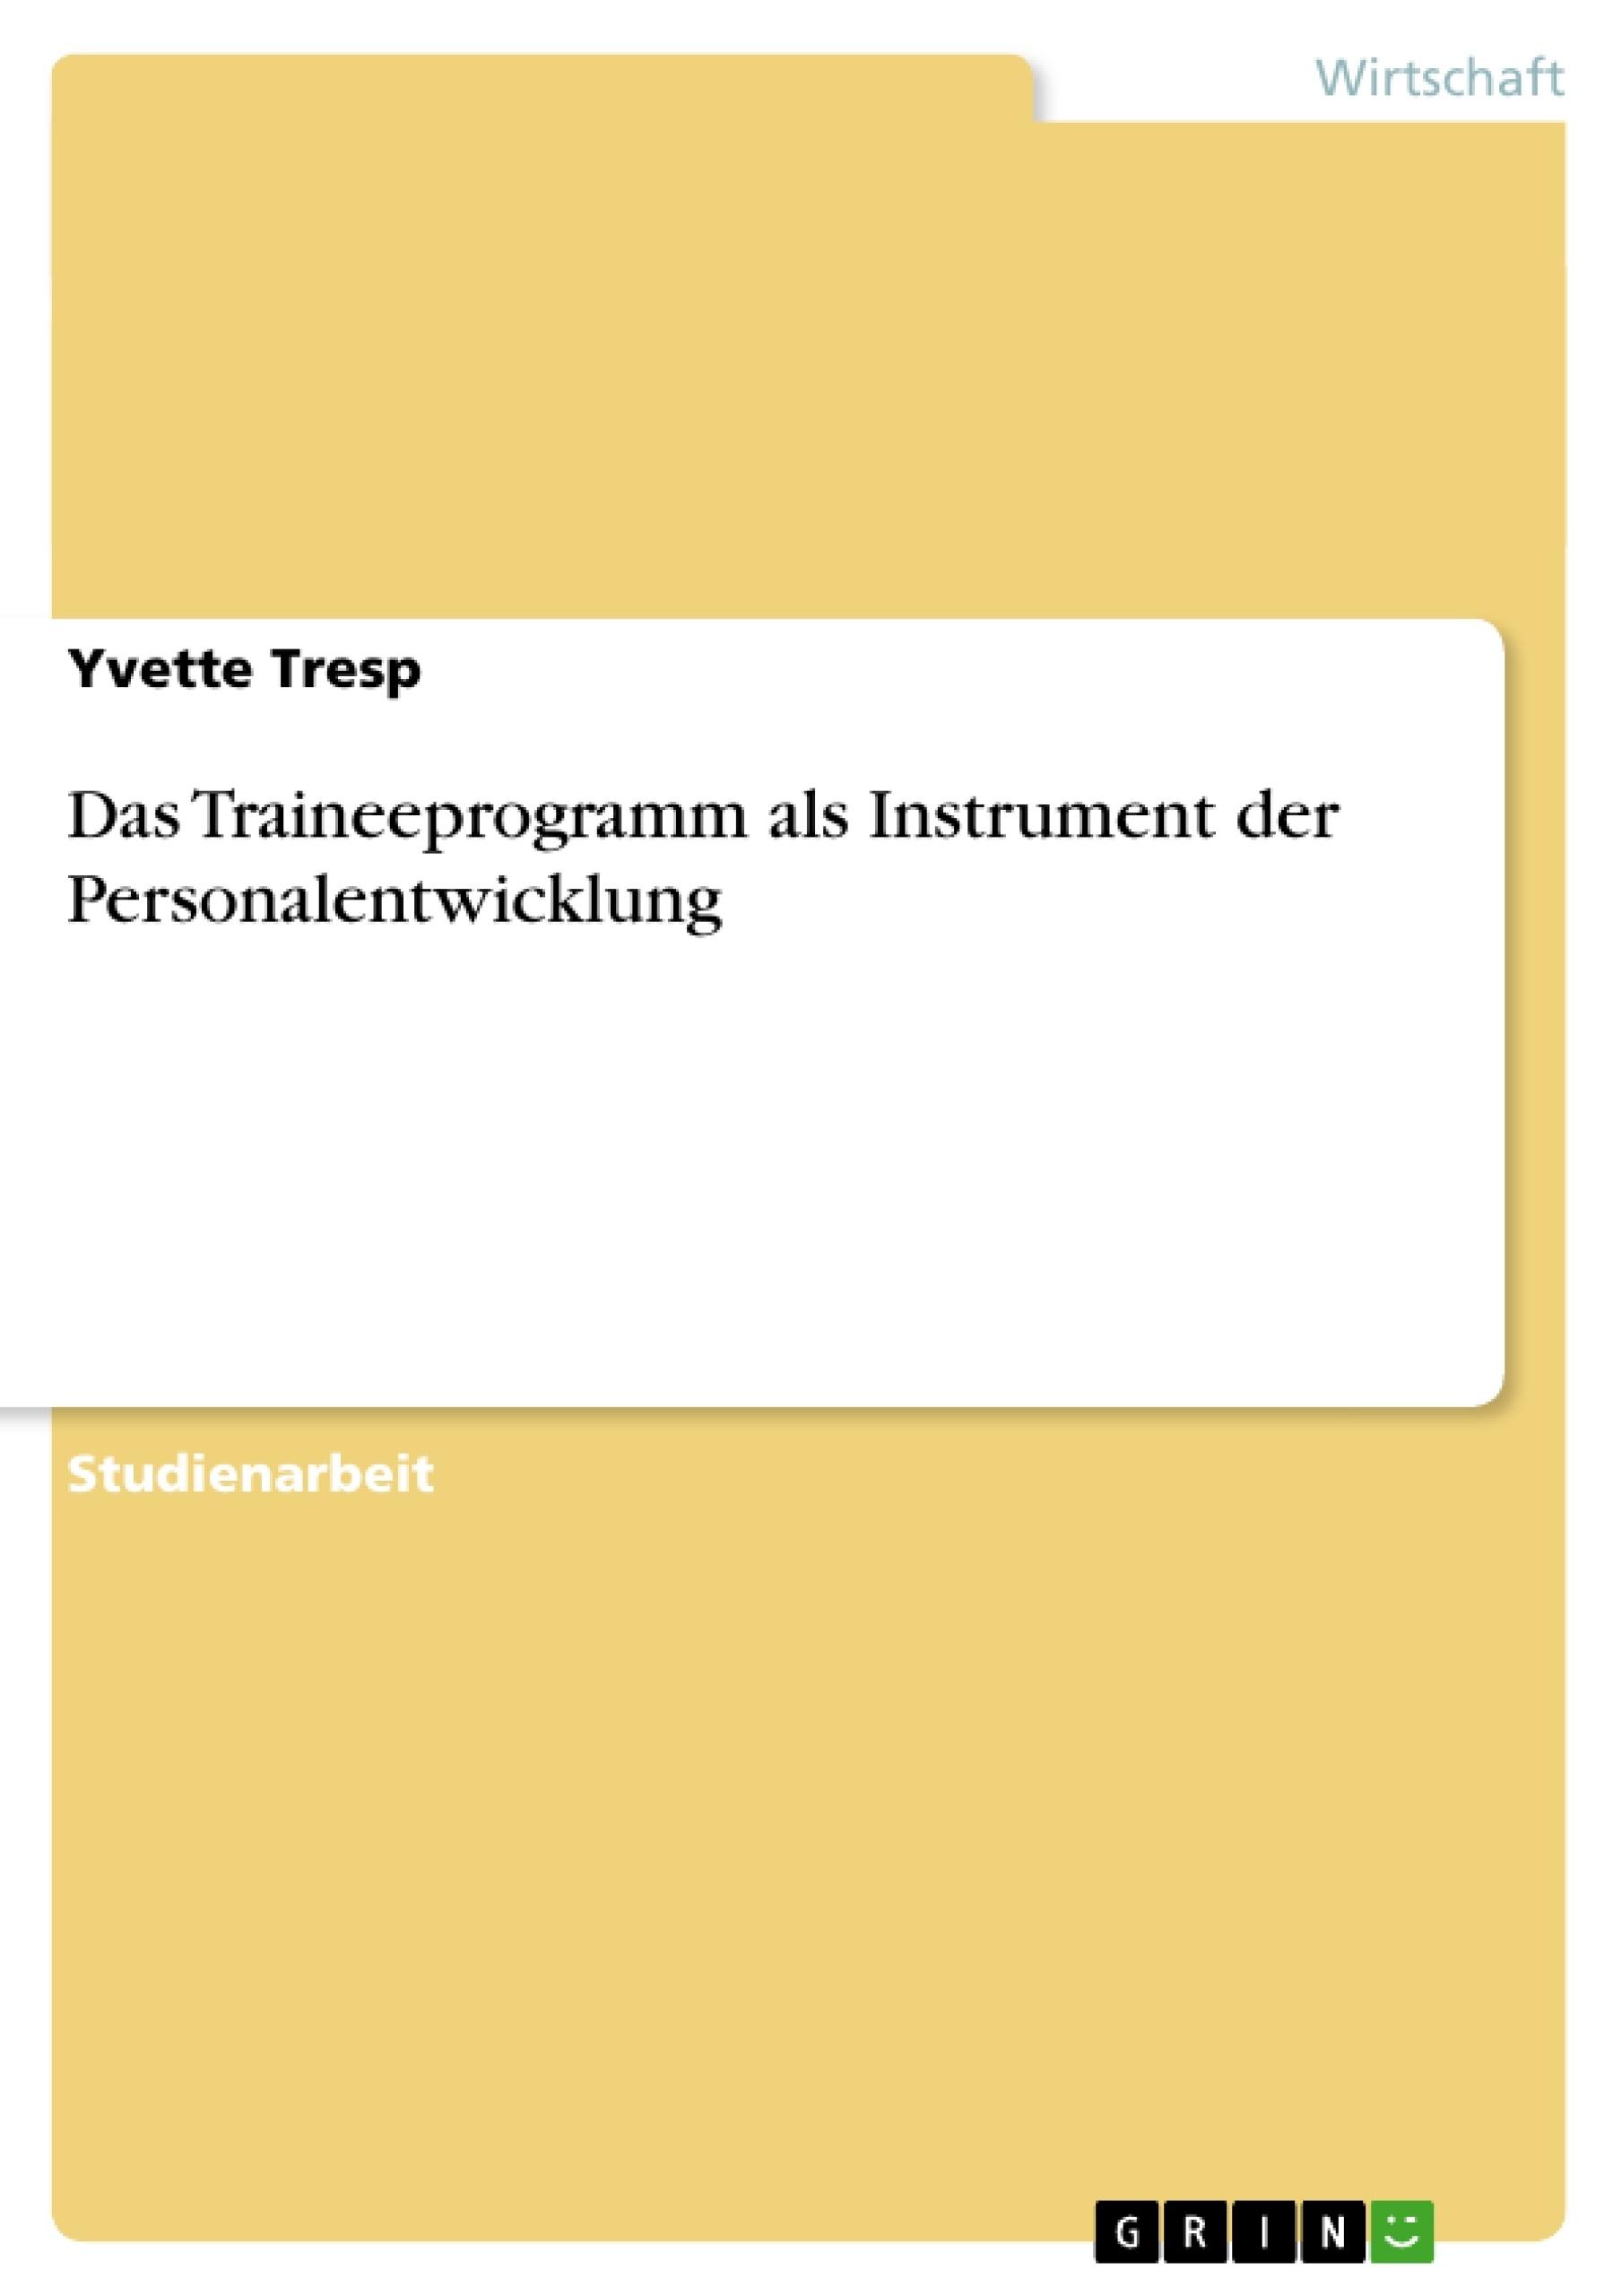 Titel: Das Traineeprogramm als Instrument der Personalentwicklung